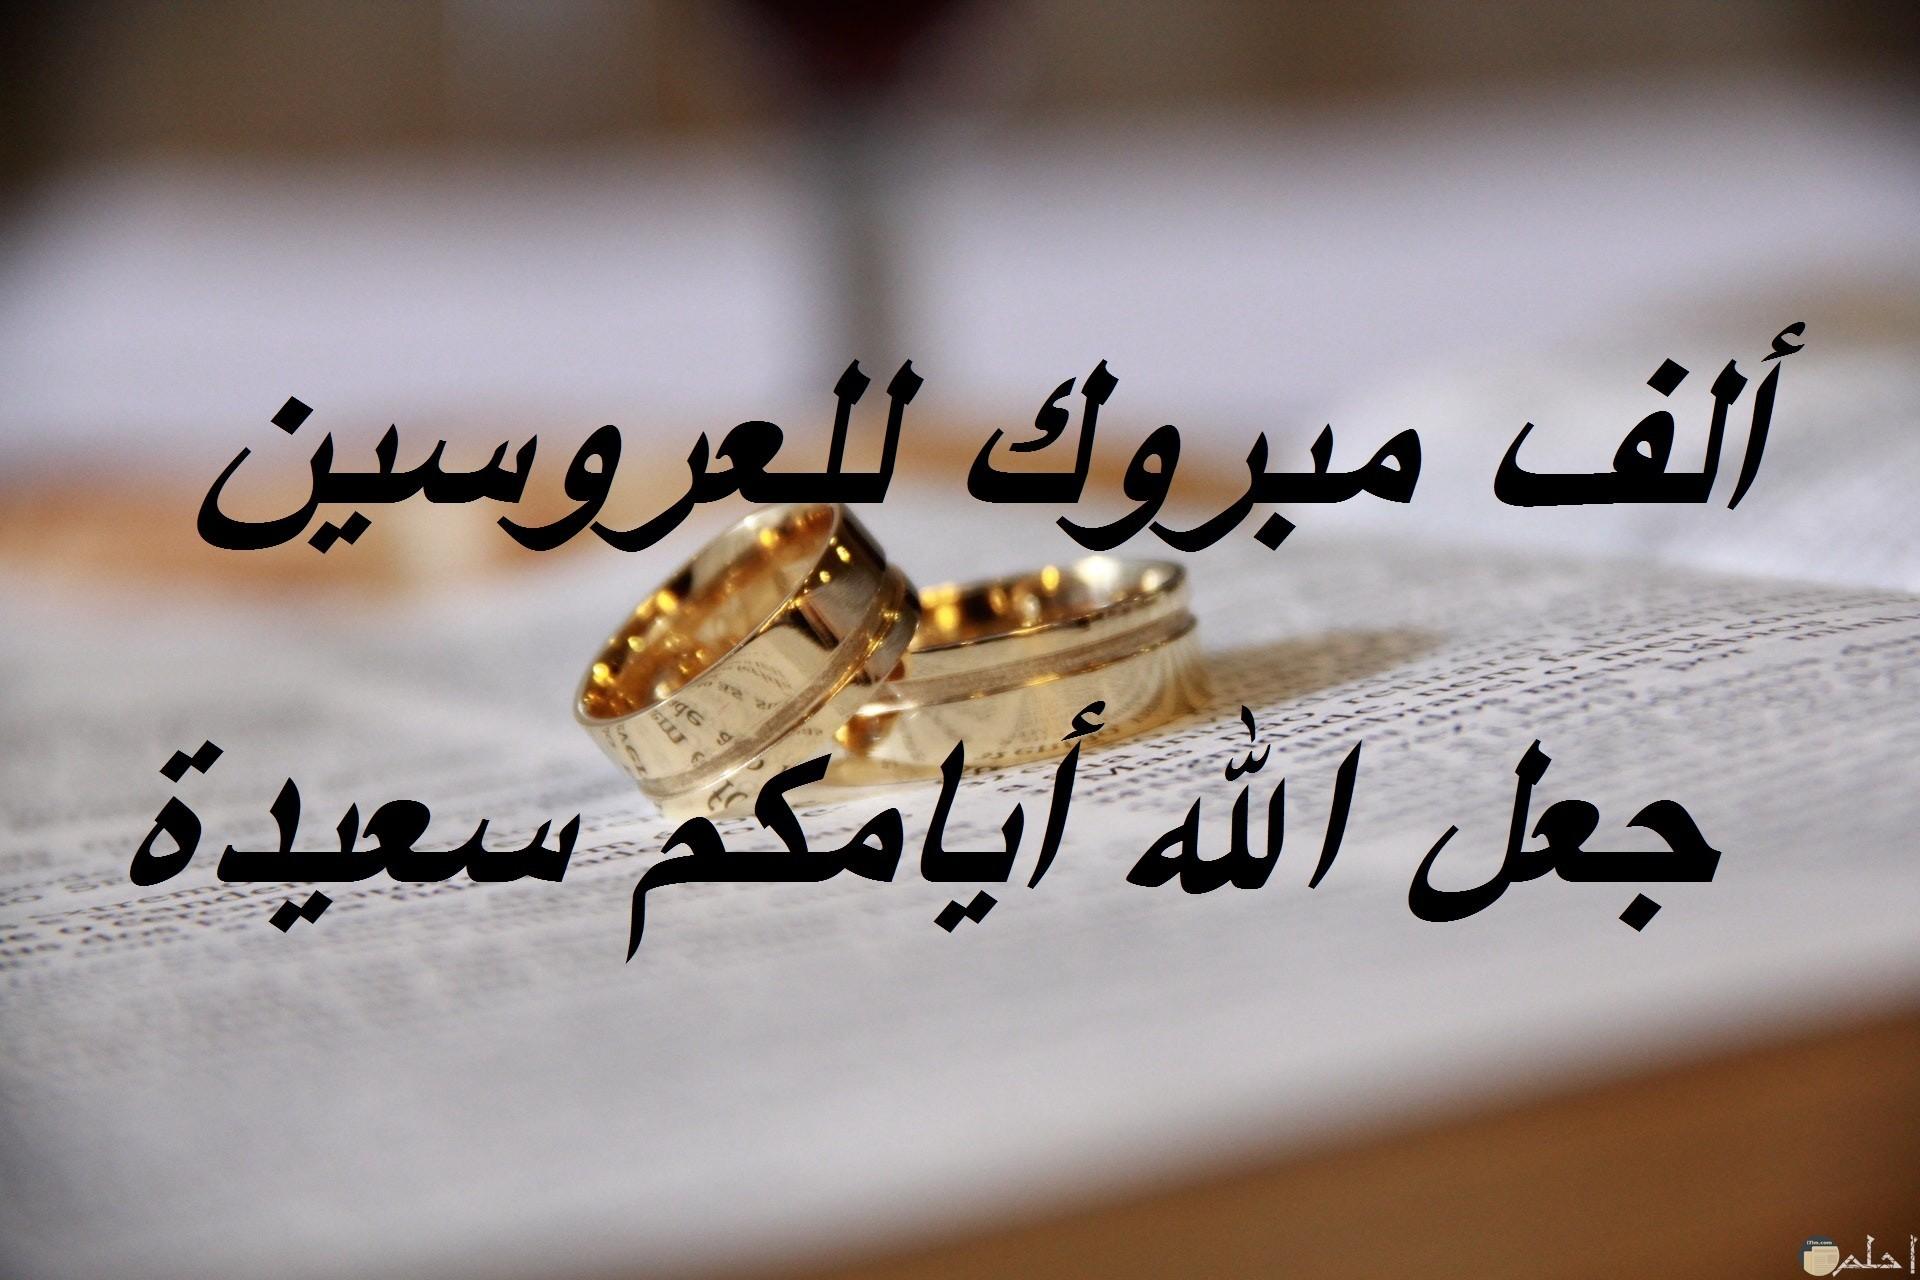 تهنه ومباركة لعروسين بمناسبة الزواج